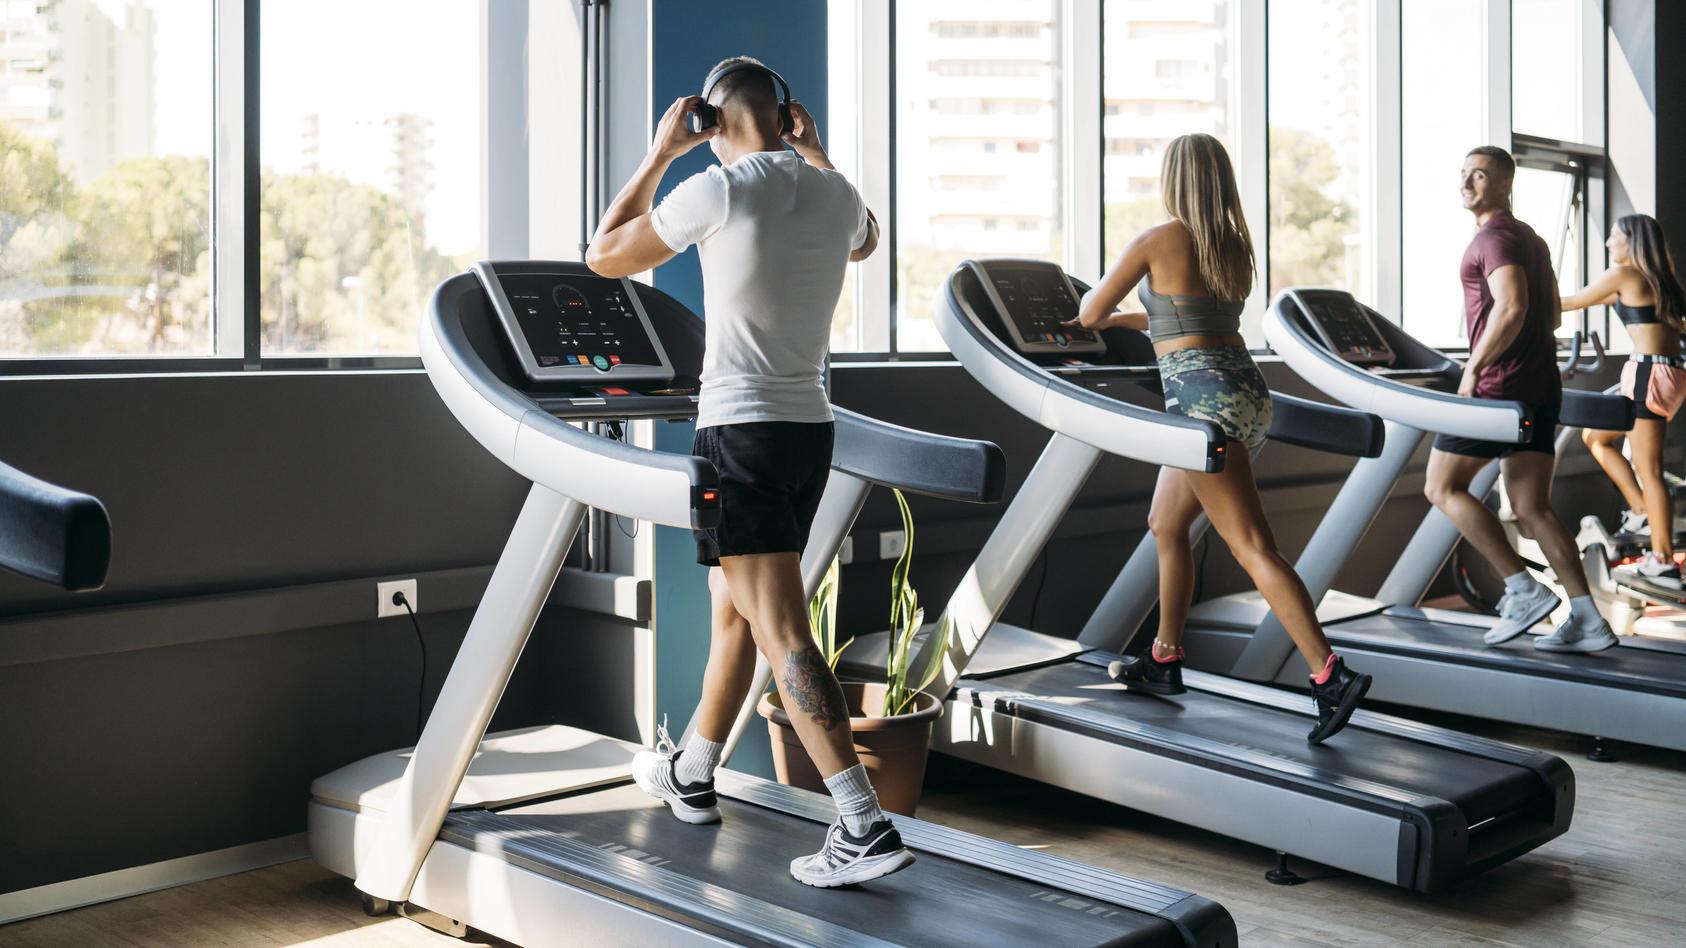 Haben die vergangenen Fitnessstudio-Schließungen durch den Lockdown Auswirkungen auf die Vertragslaufzeit?